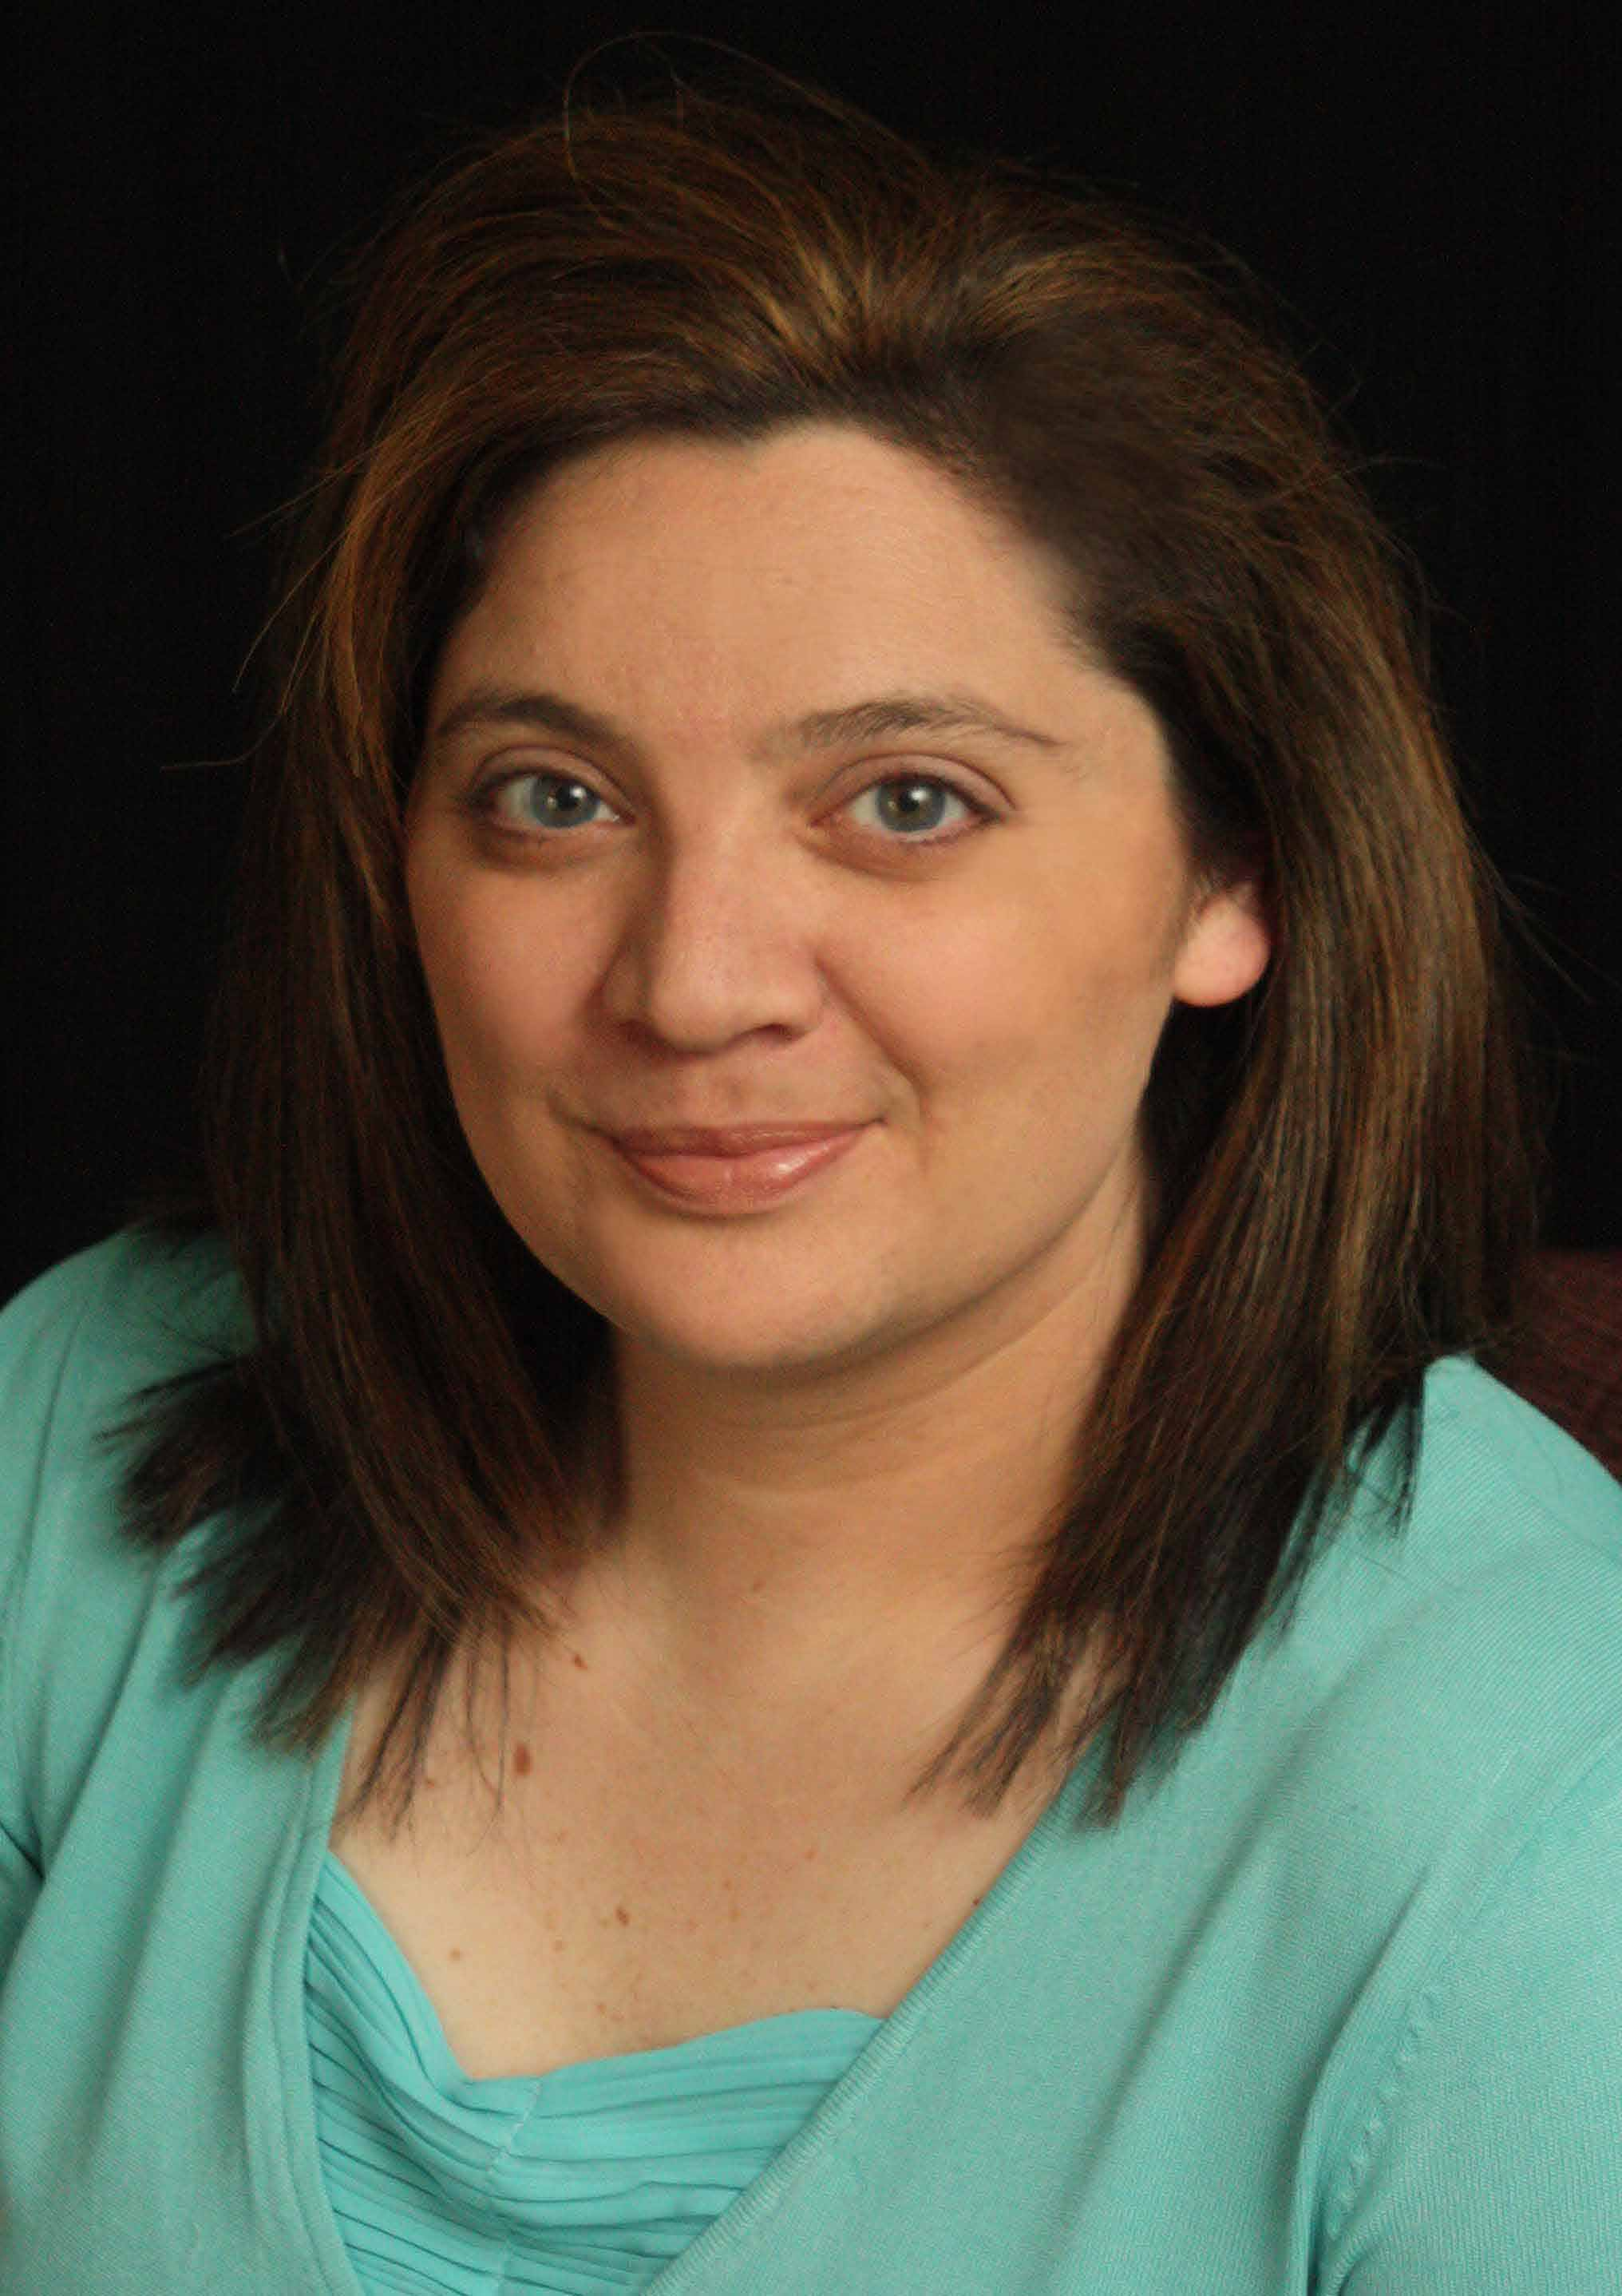 Brenda Fernandes profile image